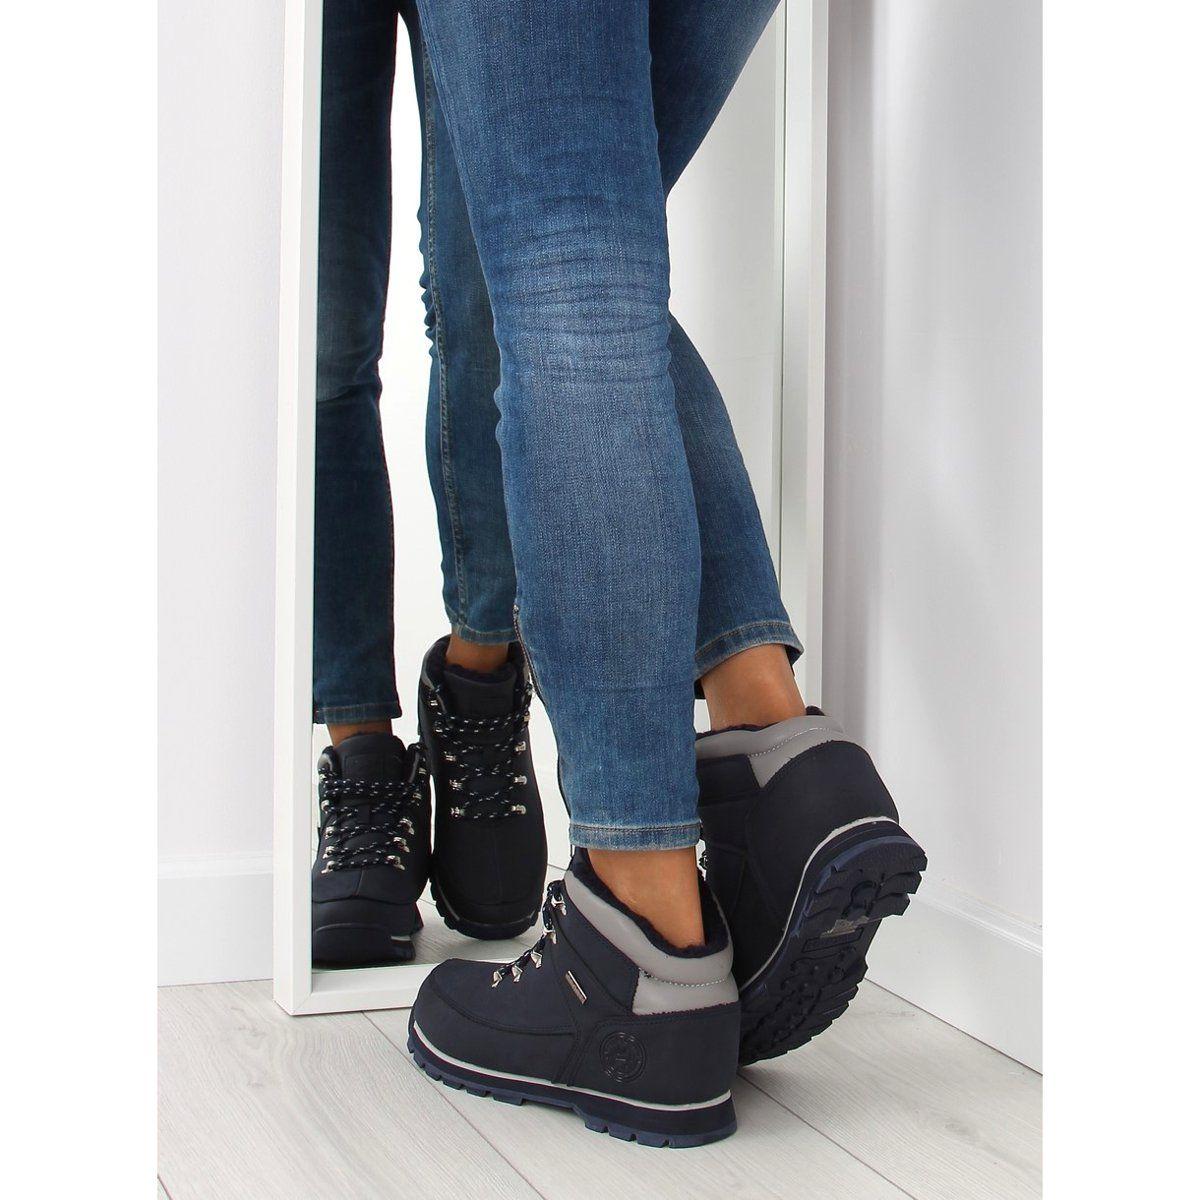 Ocieplane Buty Trekingowe Granatowe Navy Black Jeans Sneakers Wedge Sneaker